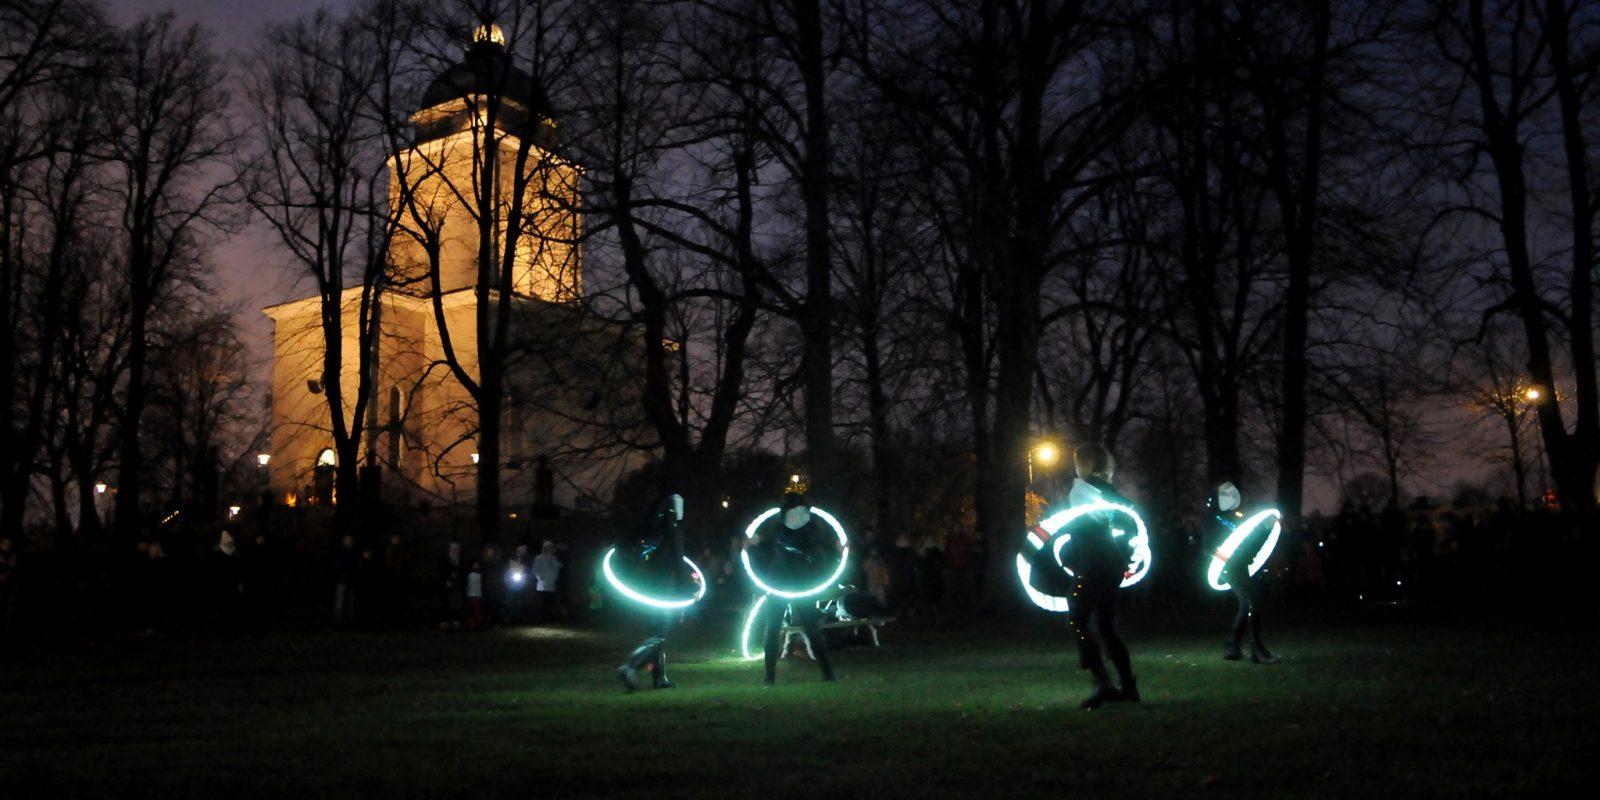 Valokuva Kirkkopuistosta, missä valosirkus Spektri pyörittää valaistuaja hulavanteita ja kirkko näkyy taustalla.